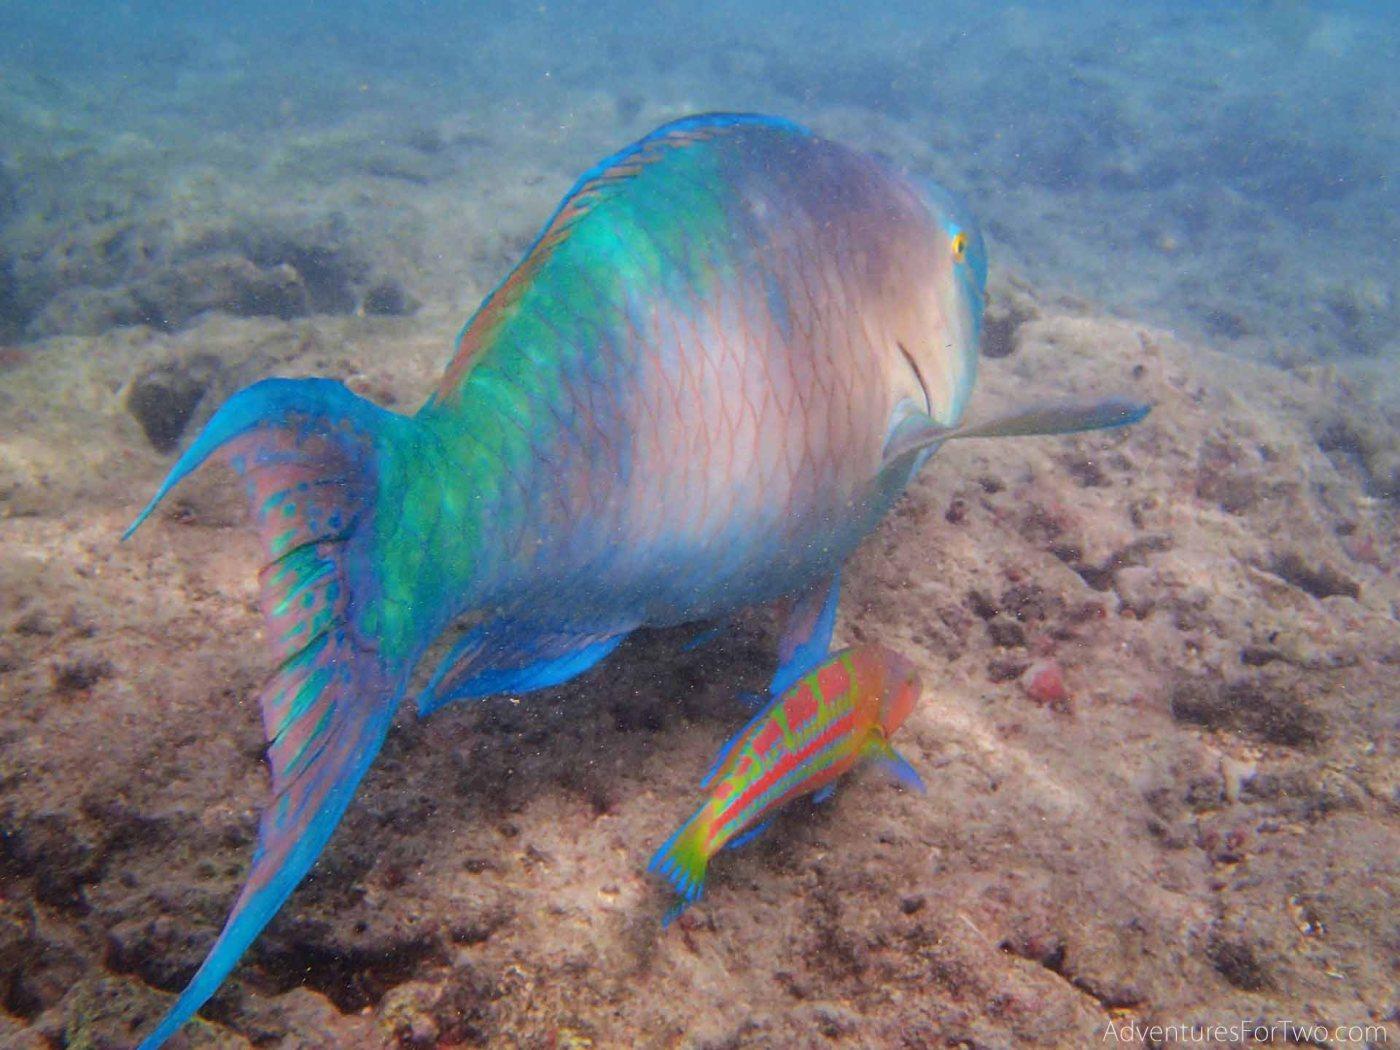 Hanauma Bay snorkeling Parrotfish